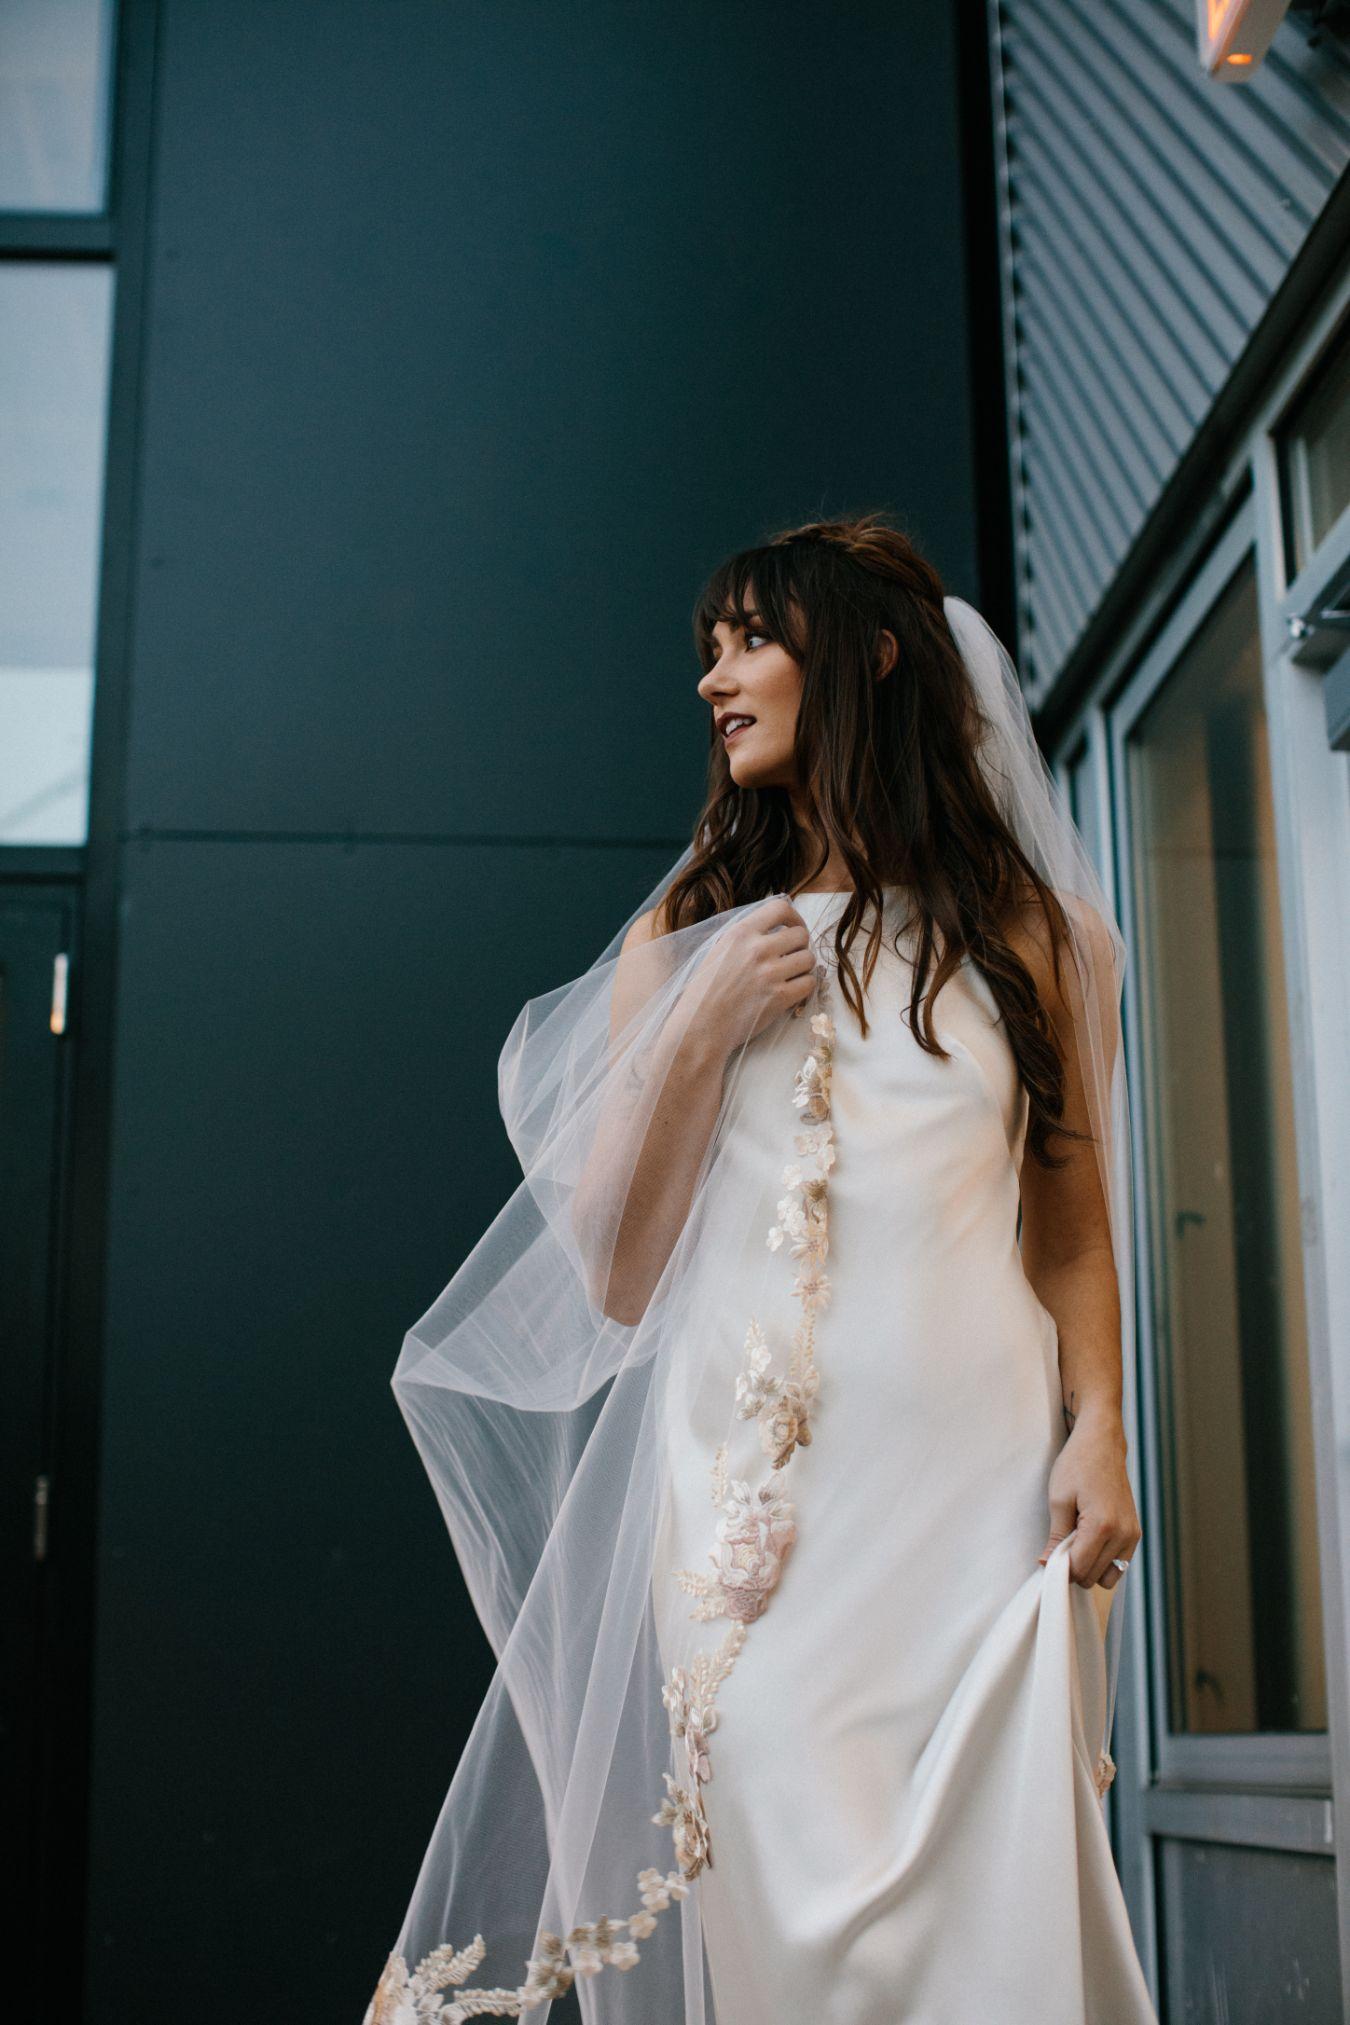 artists-for-humanity-industrial-bohemian-wedding-daylynn-designs177.jpg